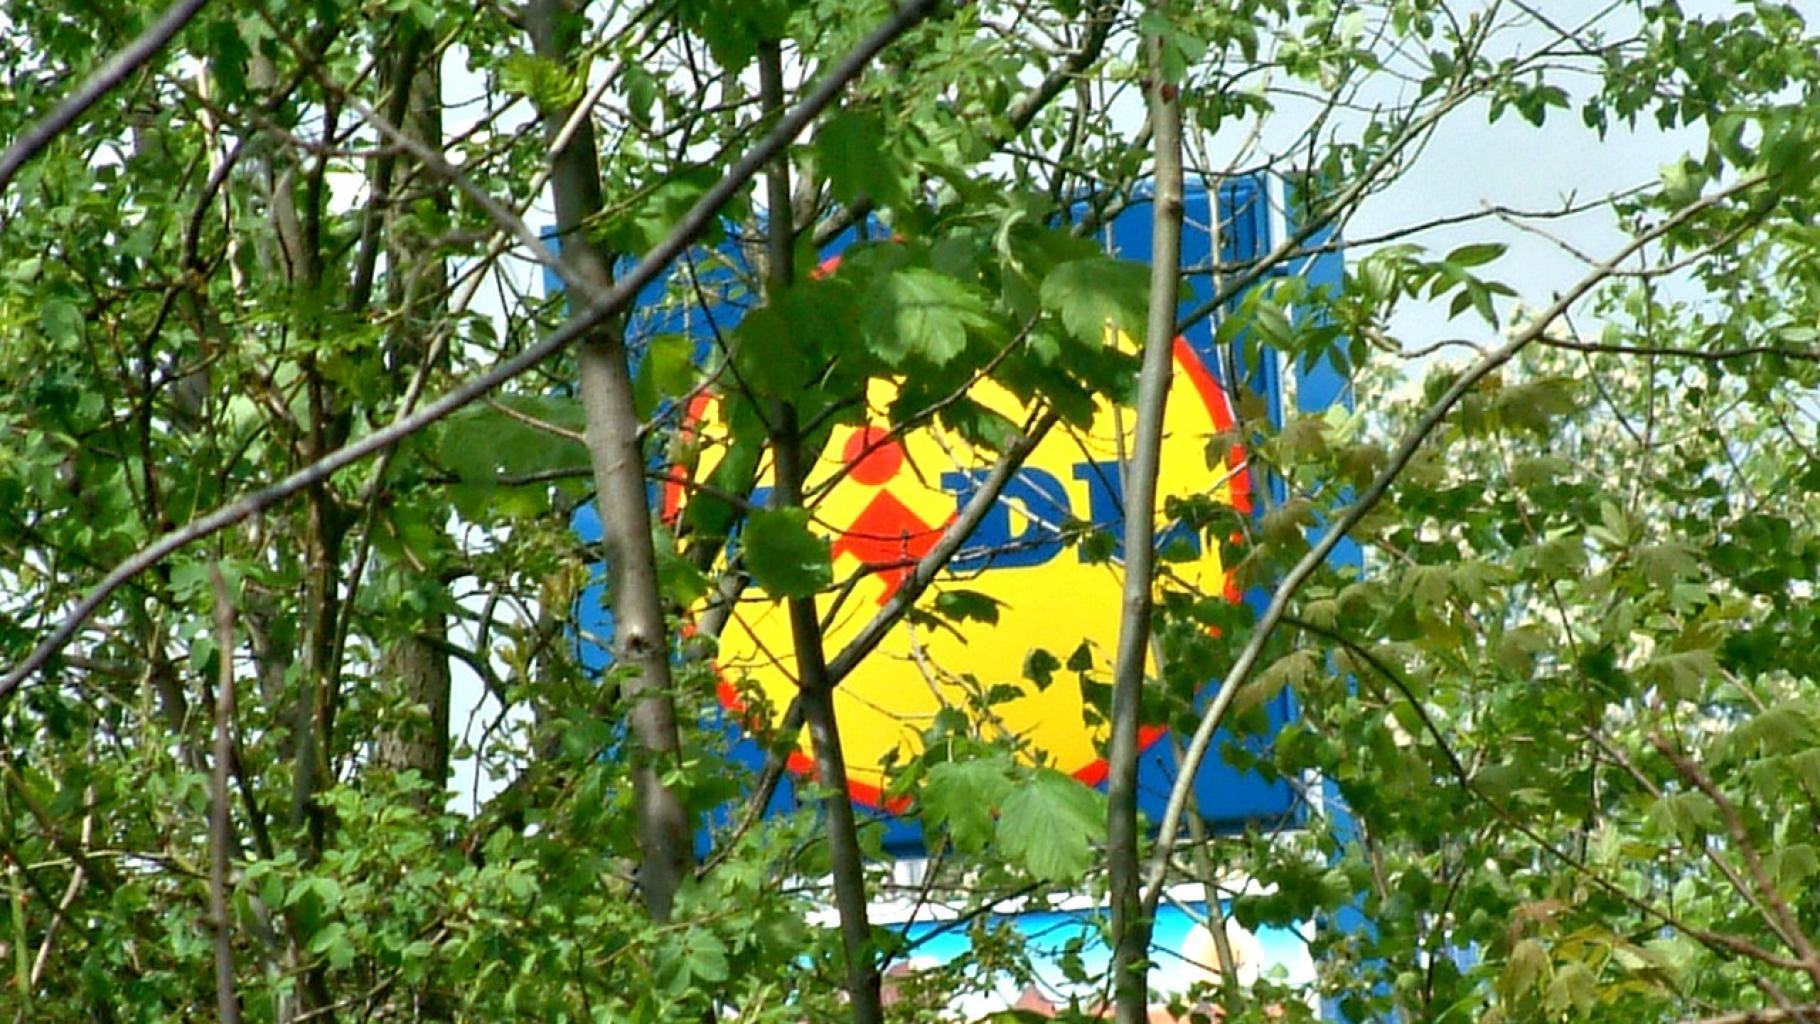 Lidl versteckt sich - hier hinter Bäumen